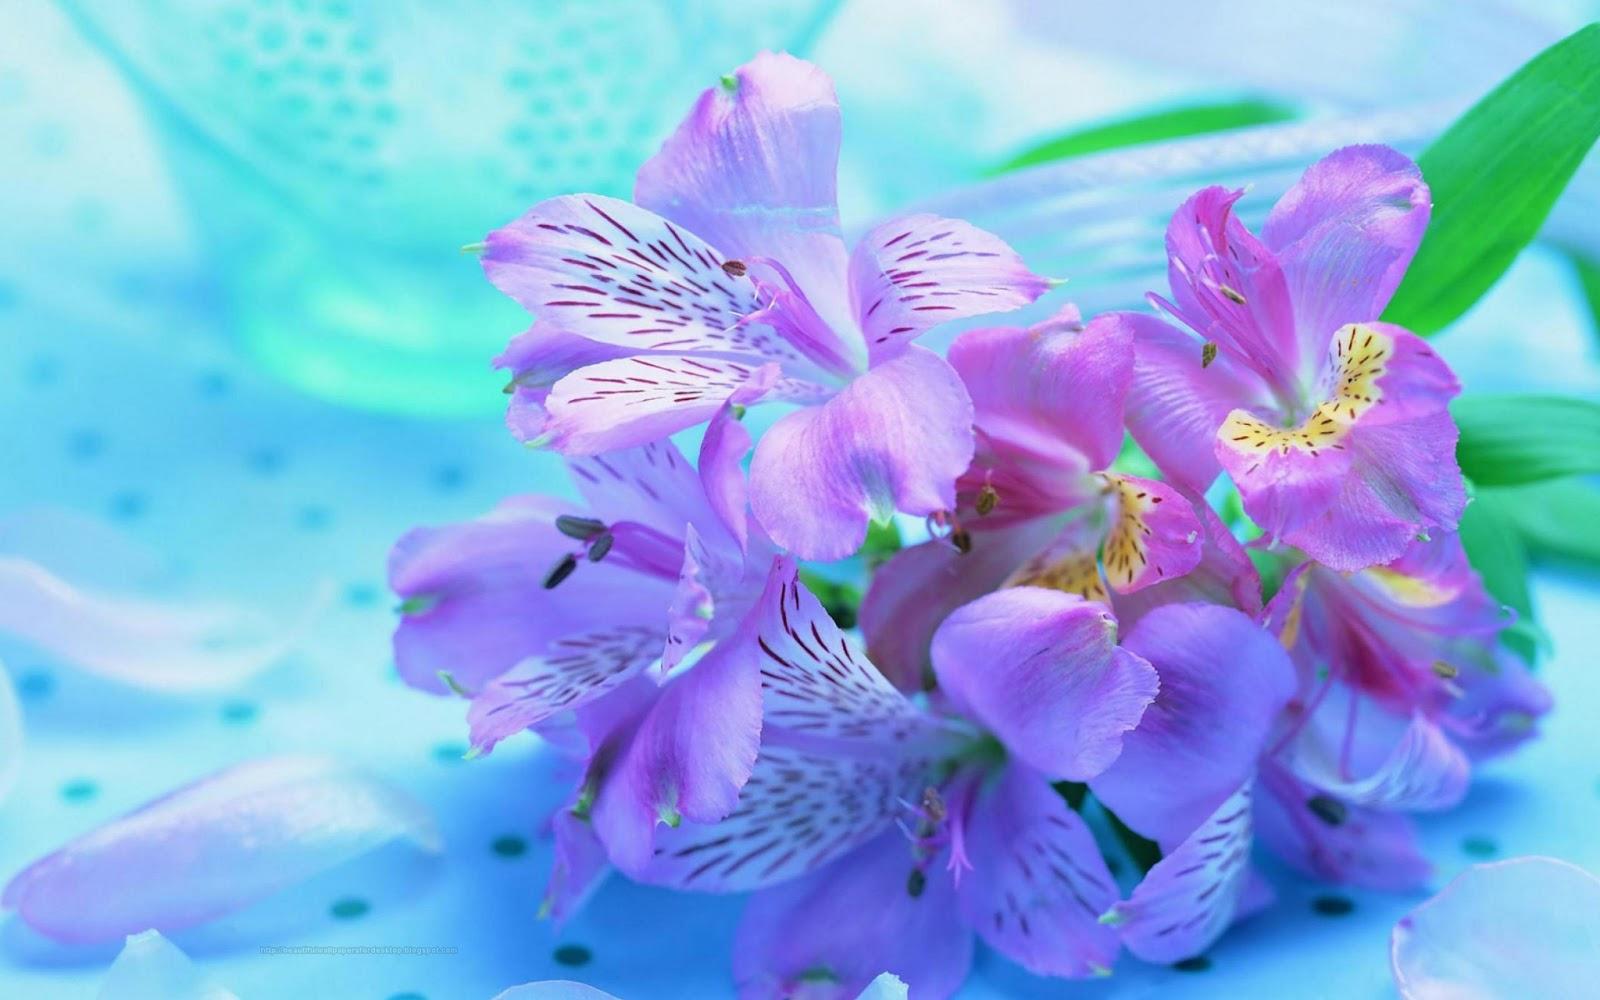 Beautiful Wallpapers For Desktop Purple Flowers HD Wallpapers 1600x1000